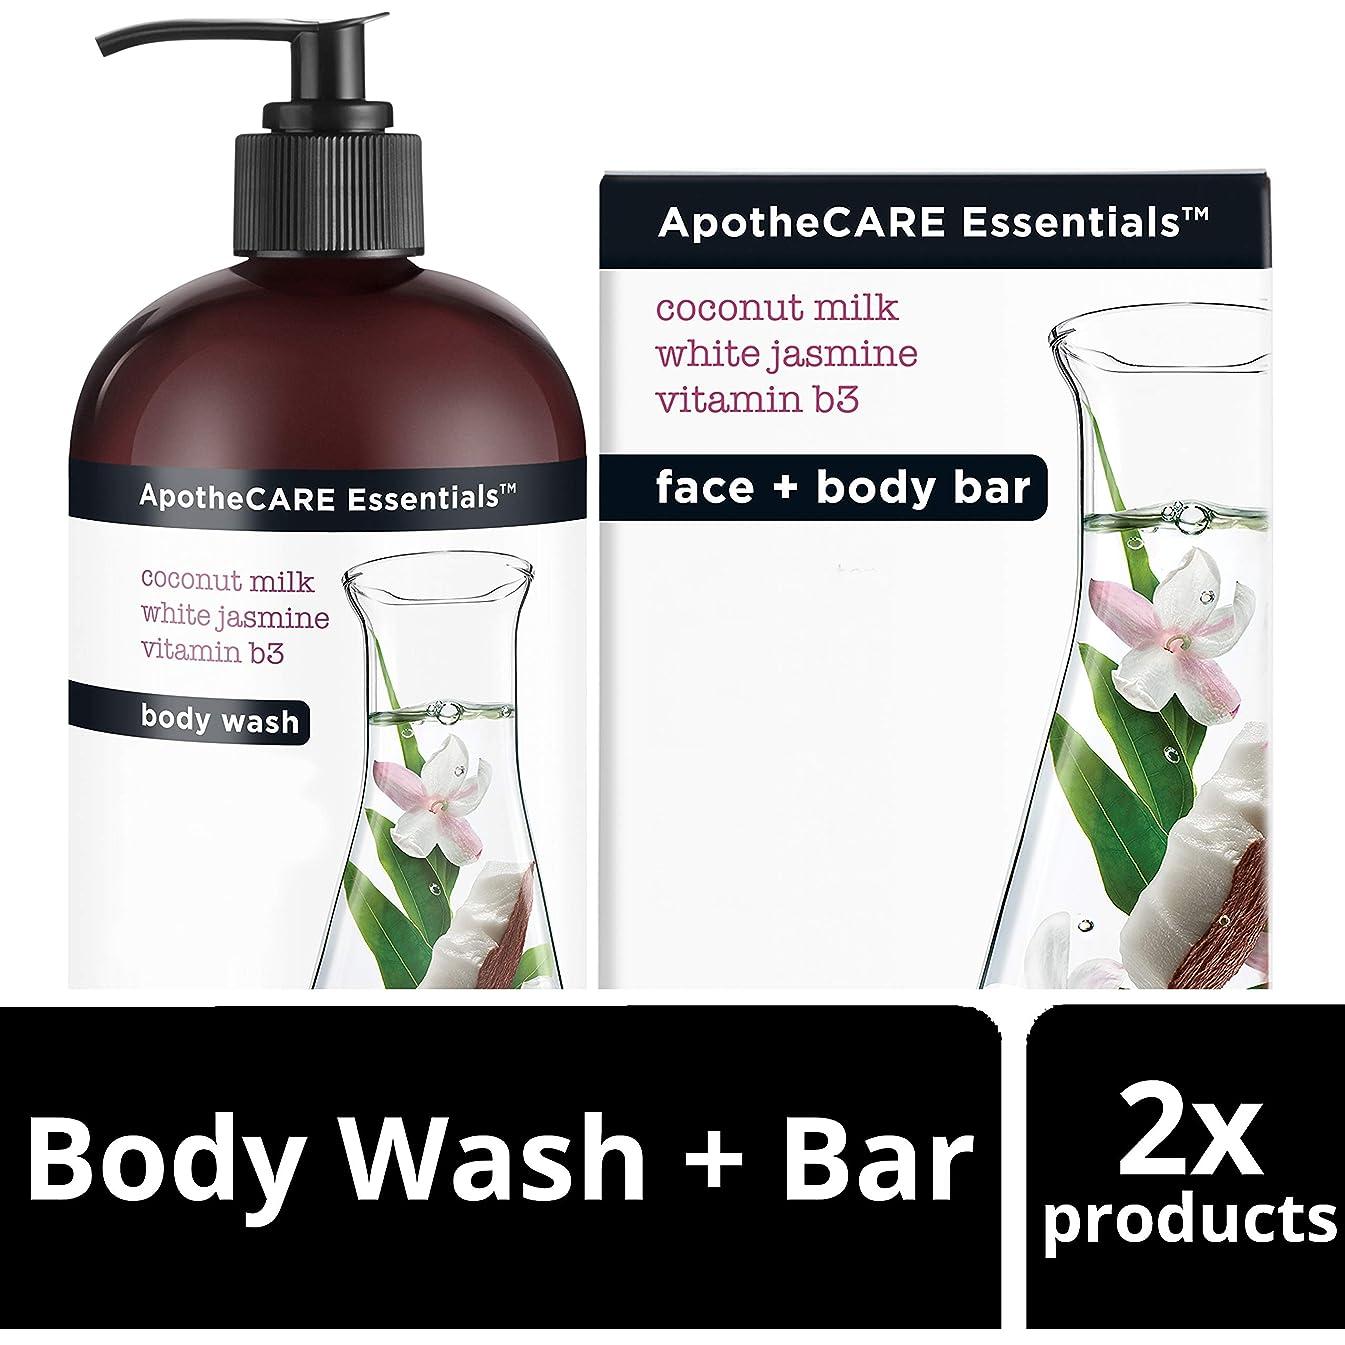 ナチュラ征服スクラッチBody Wash and Bar Soap, Coconut Milk, White Jasmine, Vitamin B3, 16 oz 473 ml